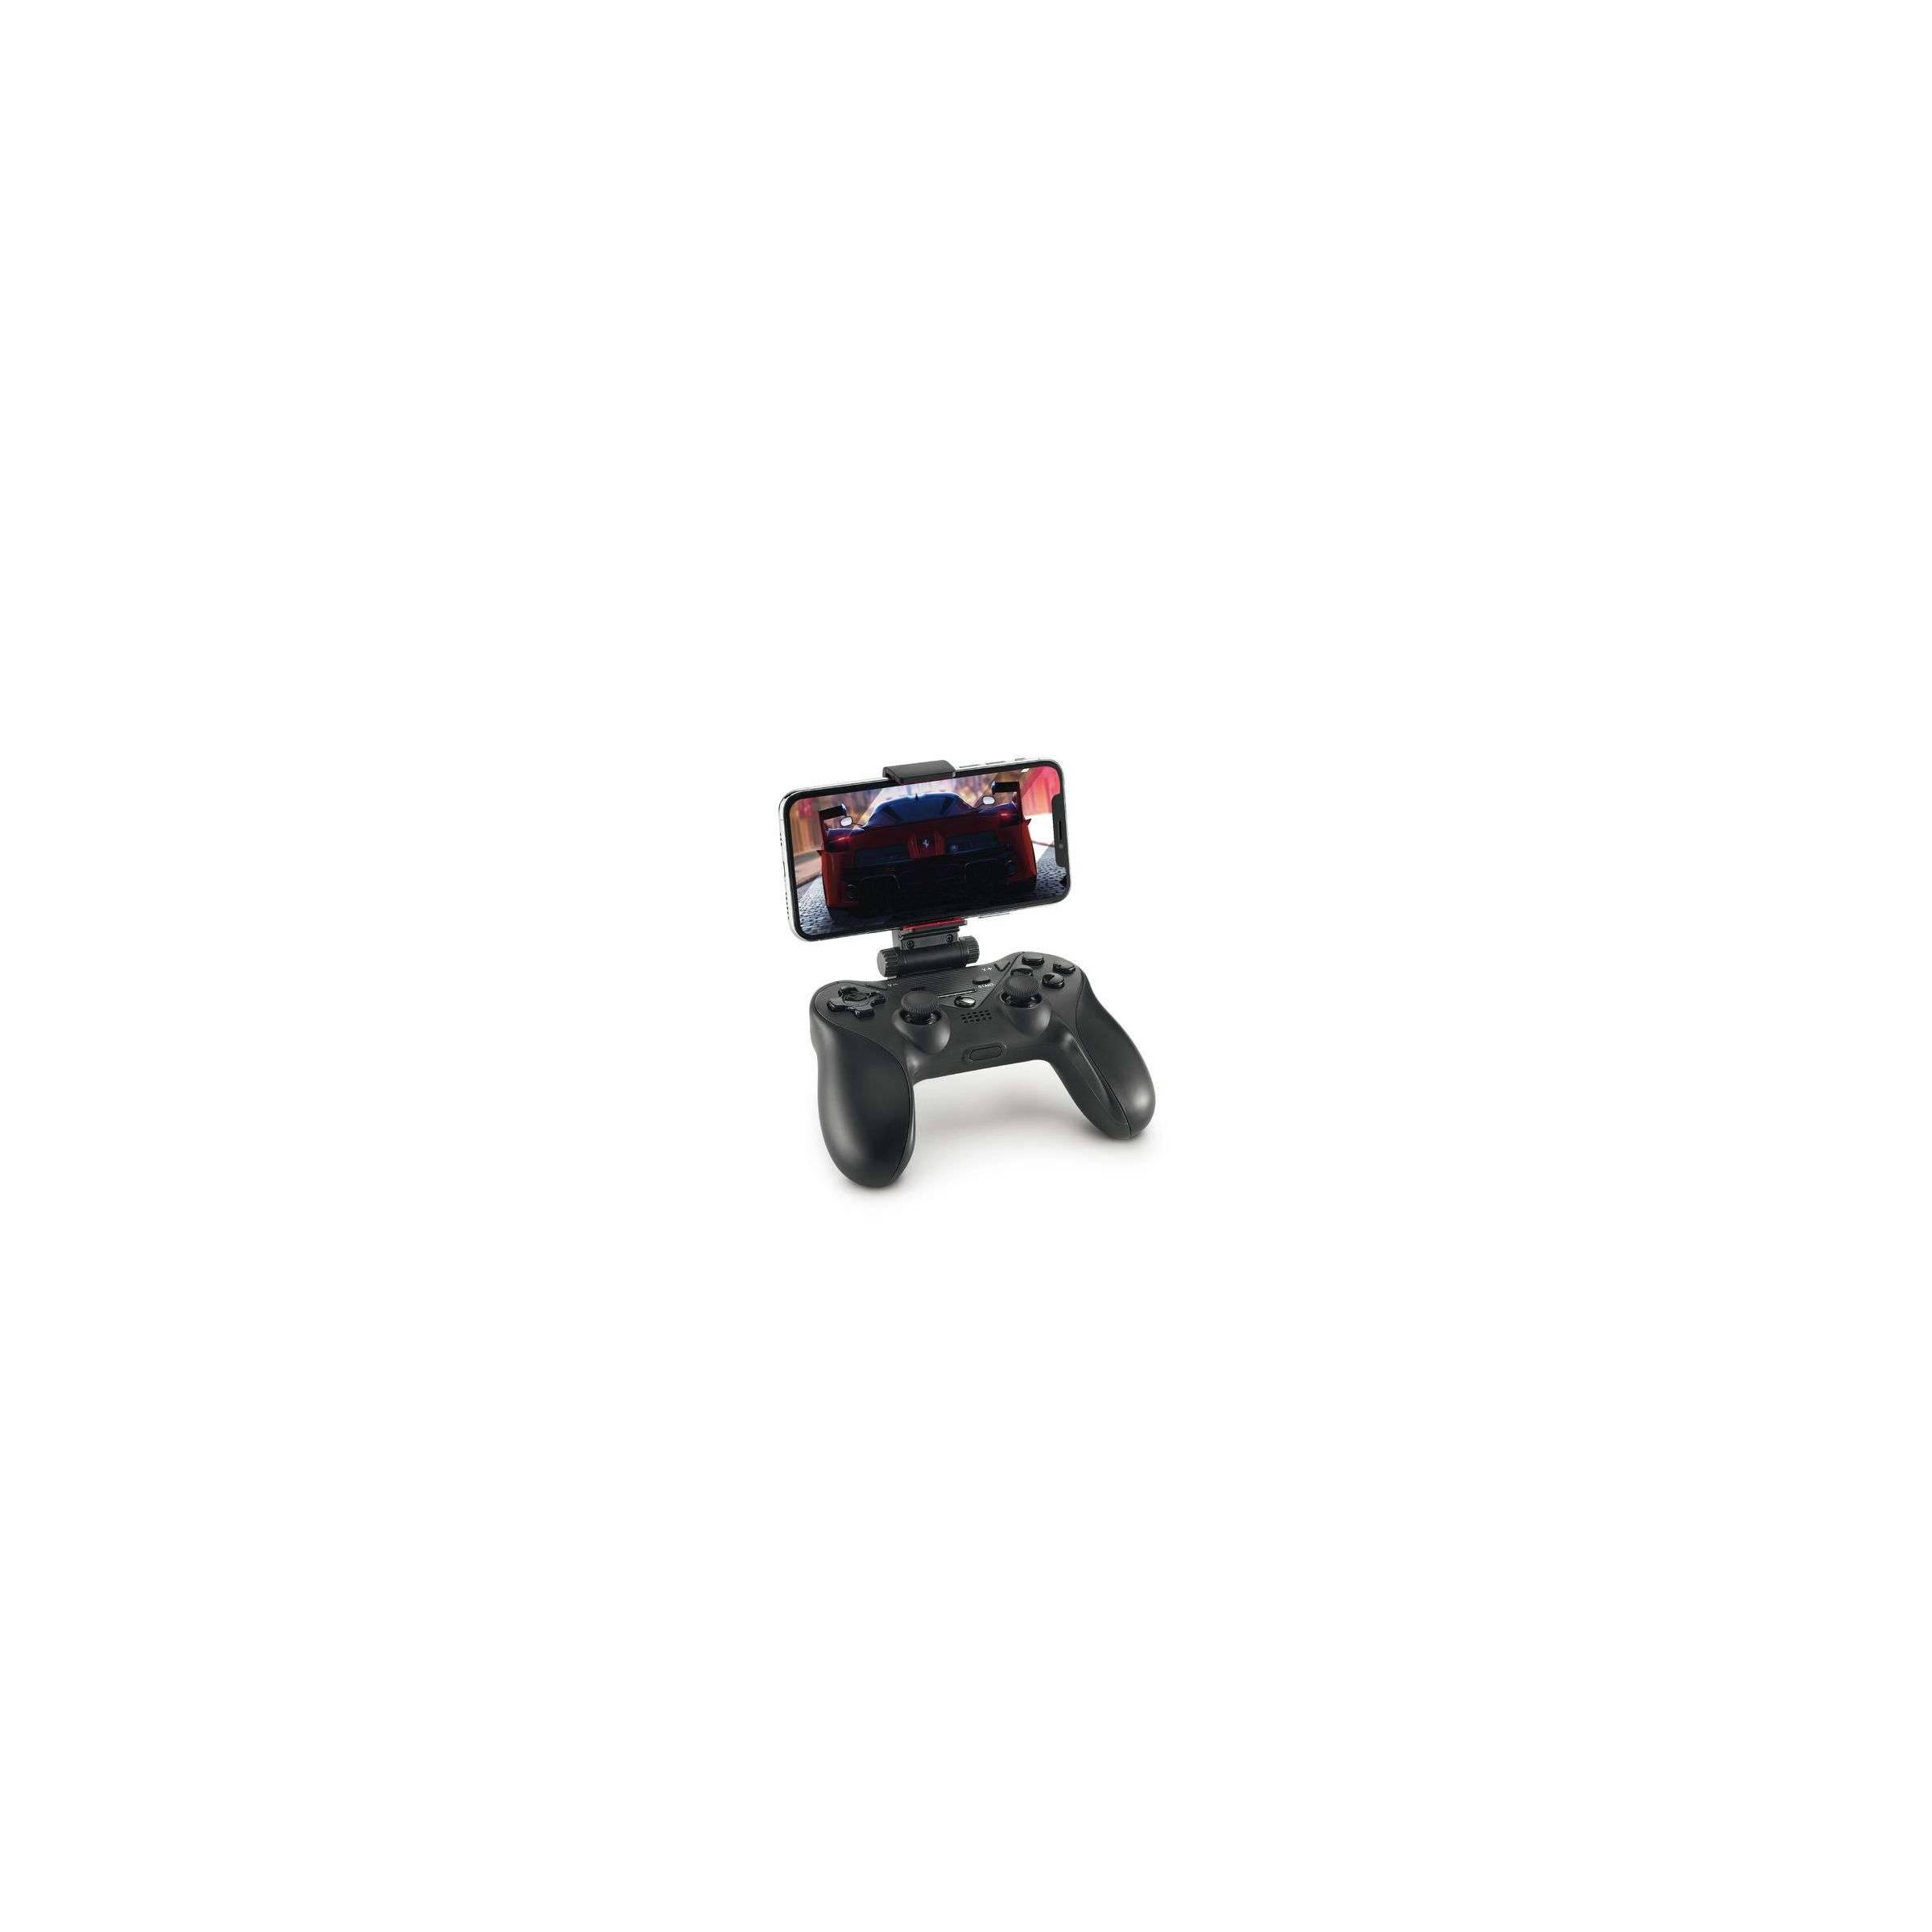 Bilde av Aiino Heropad Trådløs Spil Controller Til Apple Tv, Iphone Og Ipad